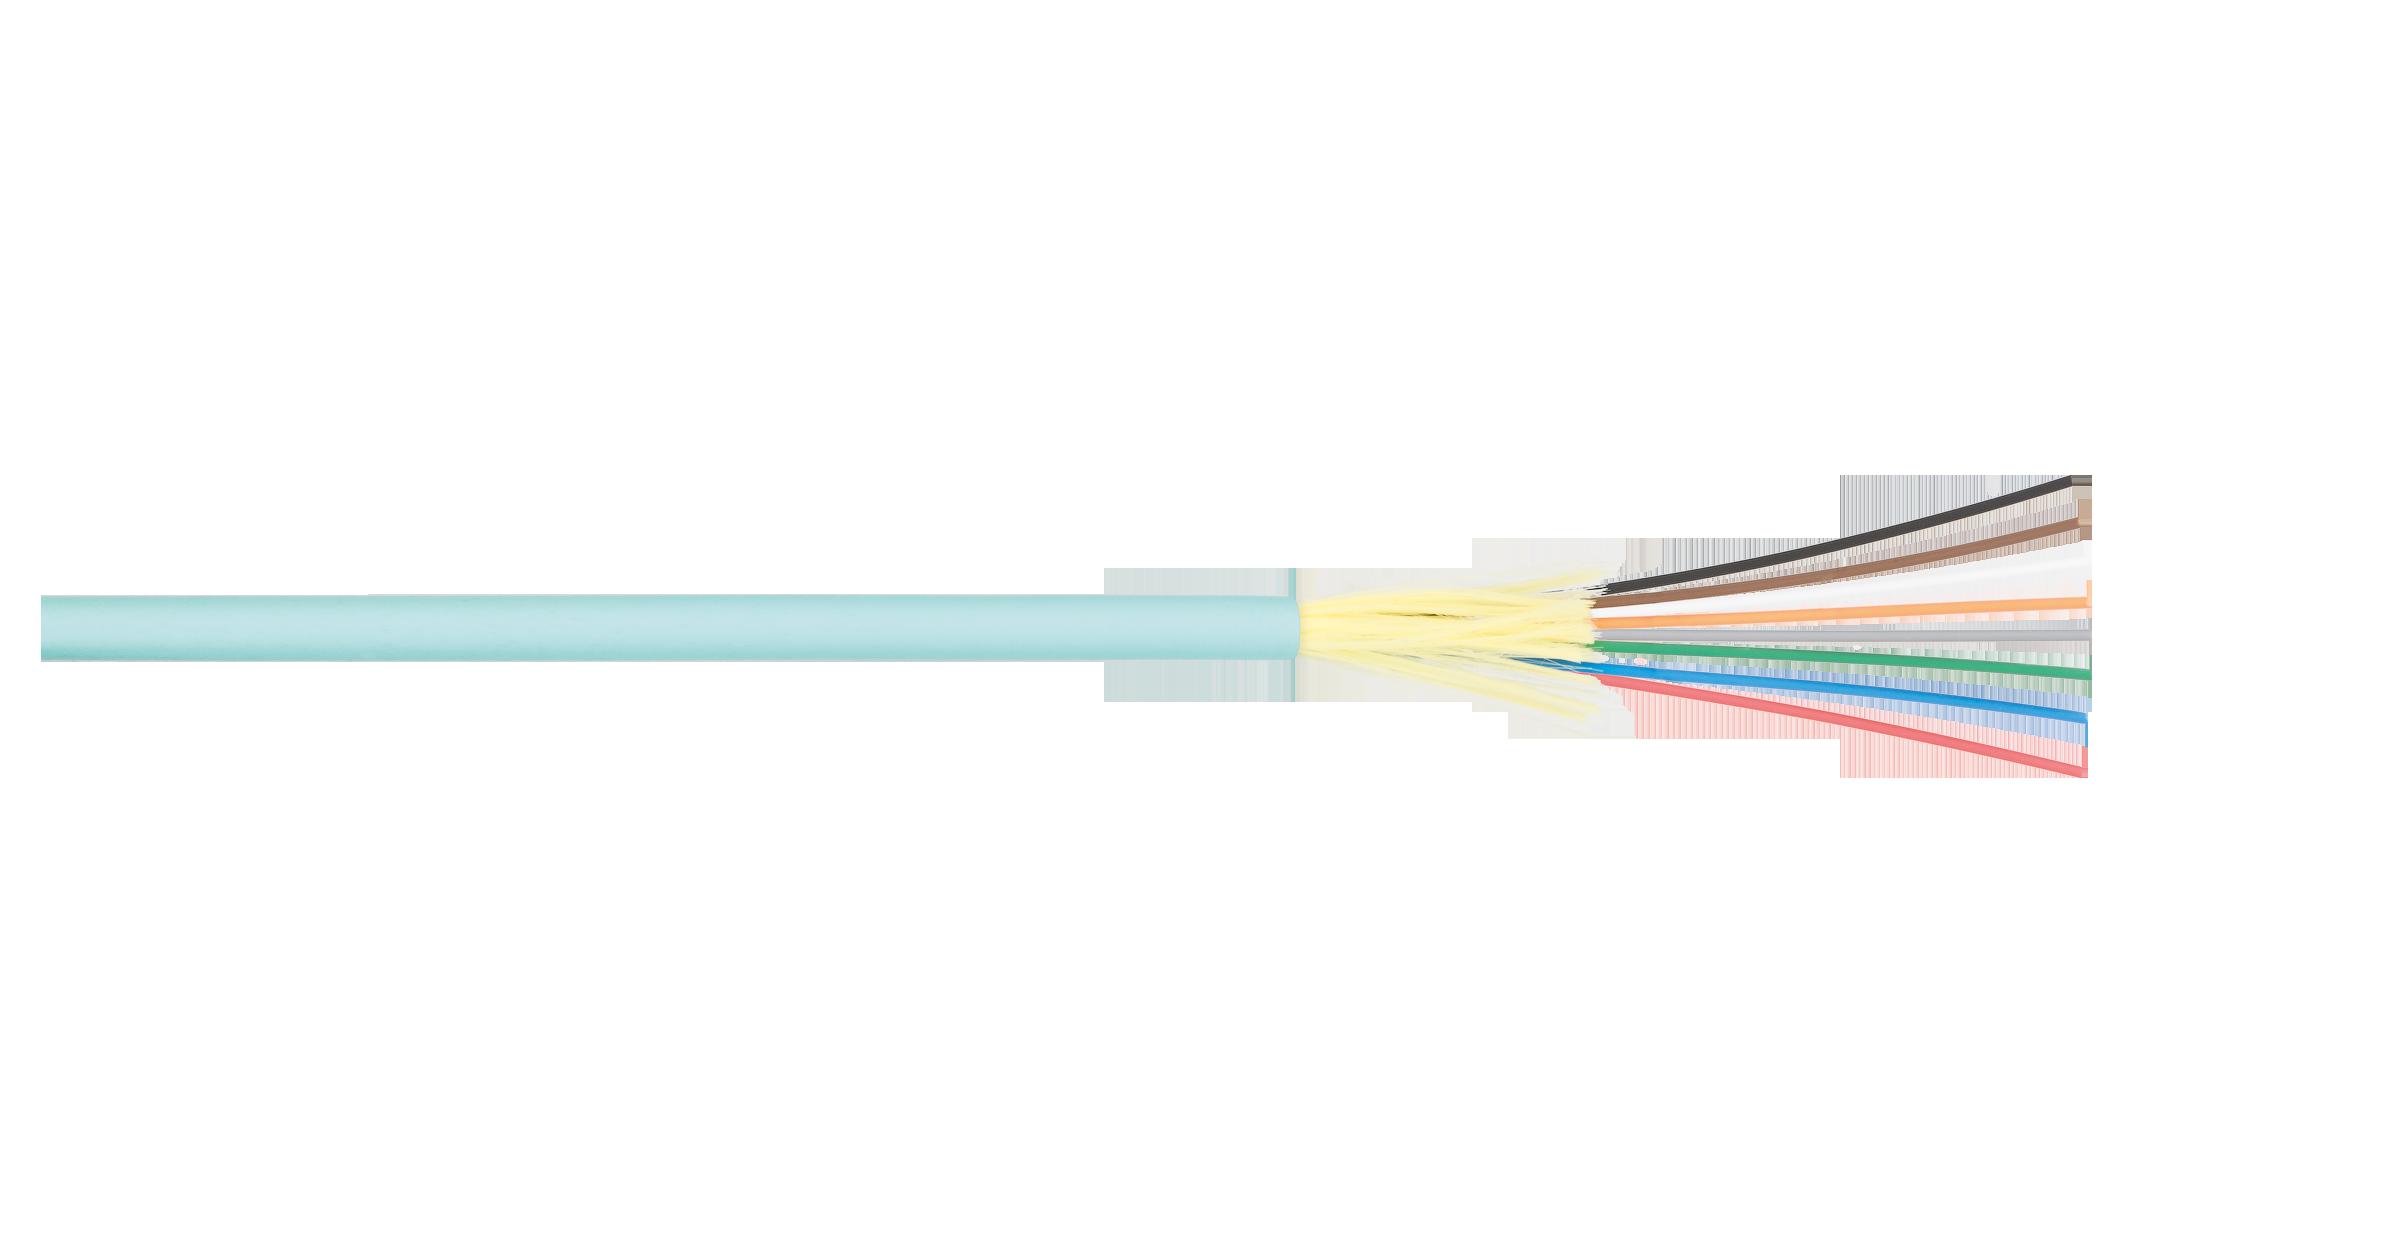 NKL-F-016M5I-00C-AQ Кабель NIKOLAN волоконно-оптический, 16 волокон, многомодовый 50/125мкм, стандарта ОМ3, внутренний, распределительный, с плотным буфером, LSZH нг(B)-HFLTx, аква